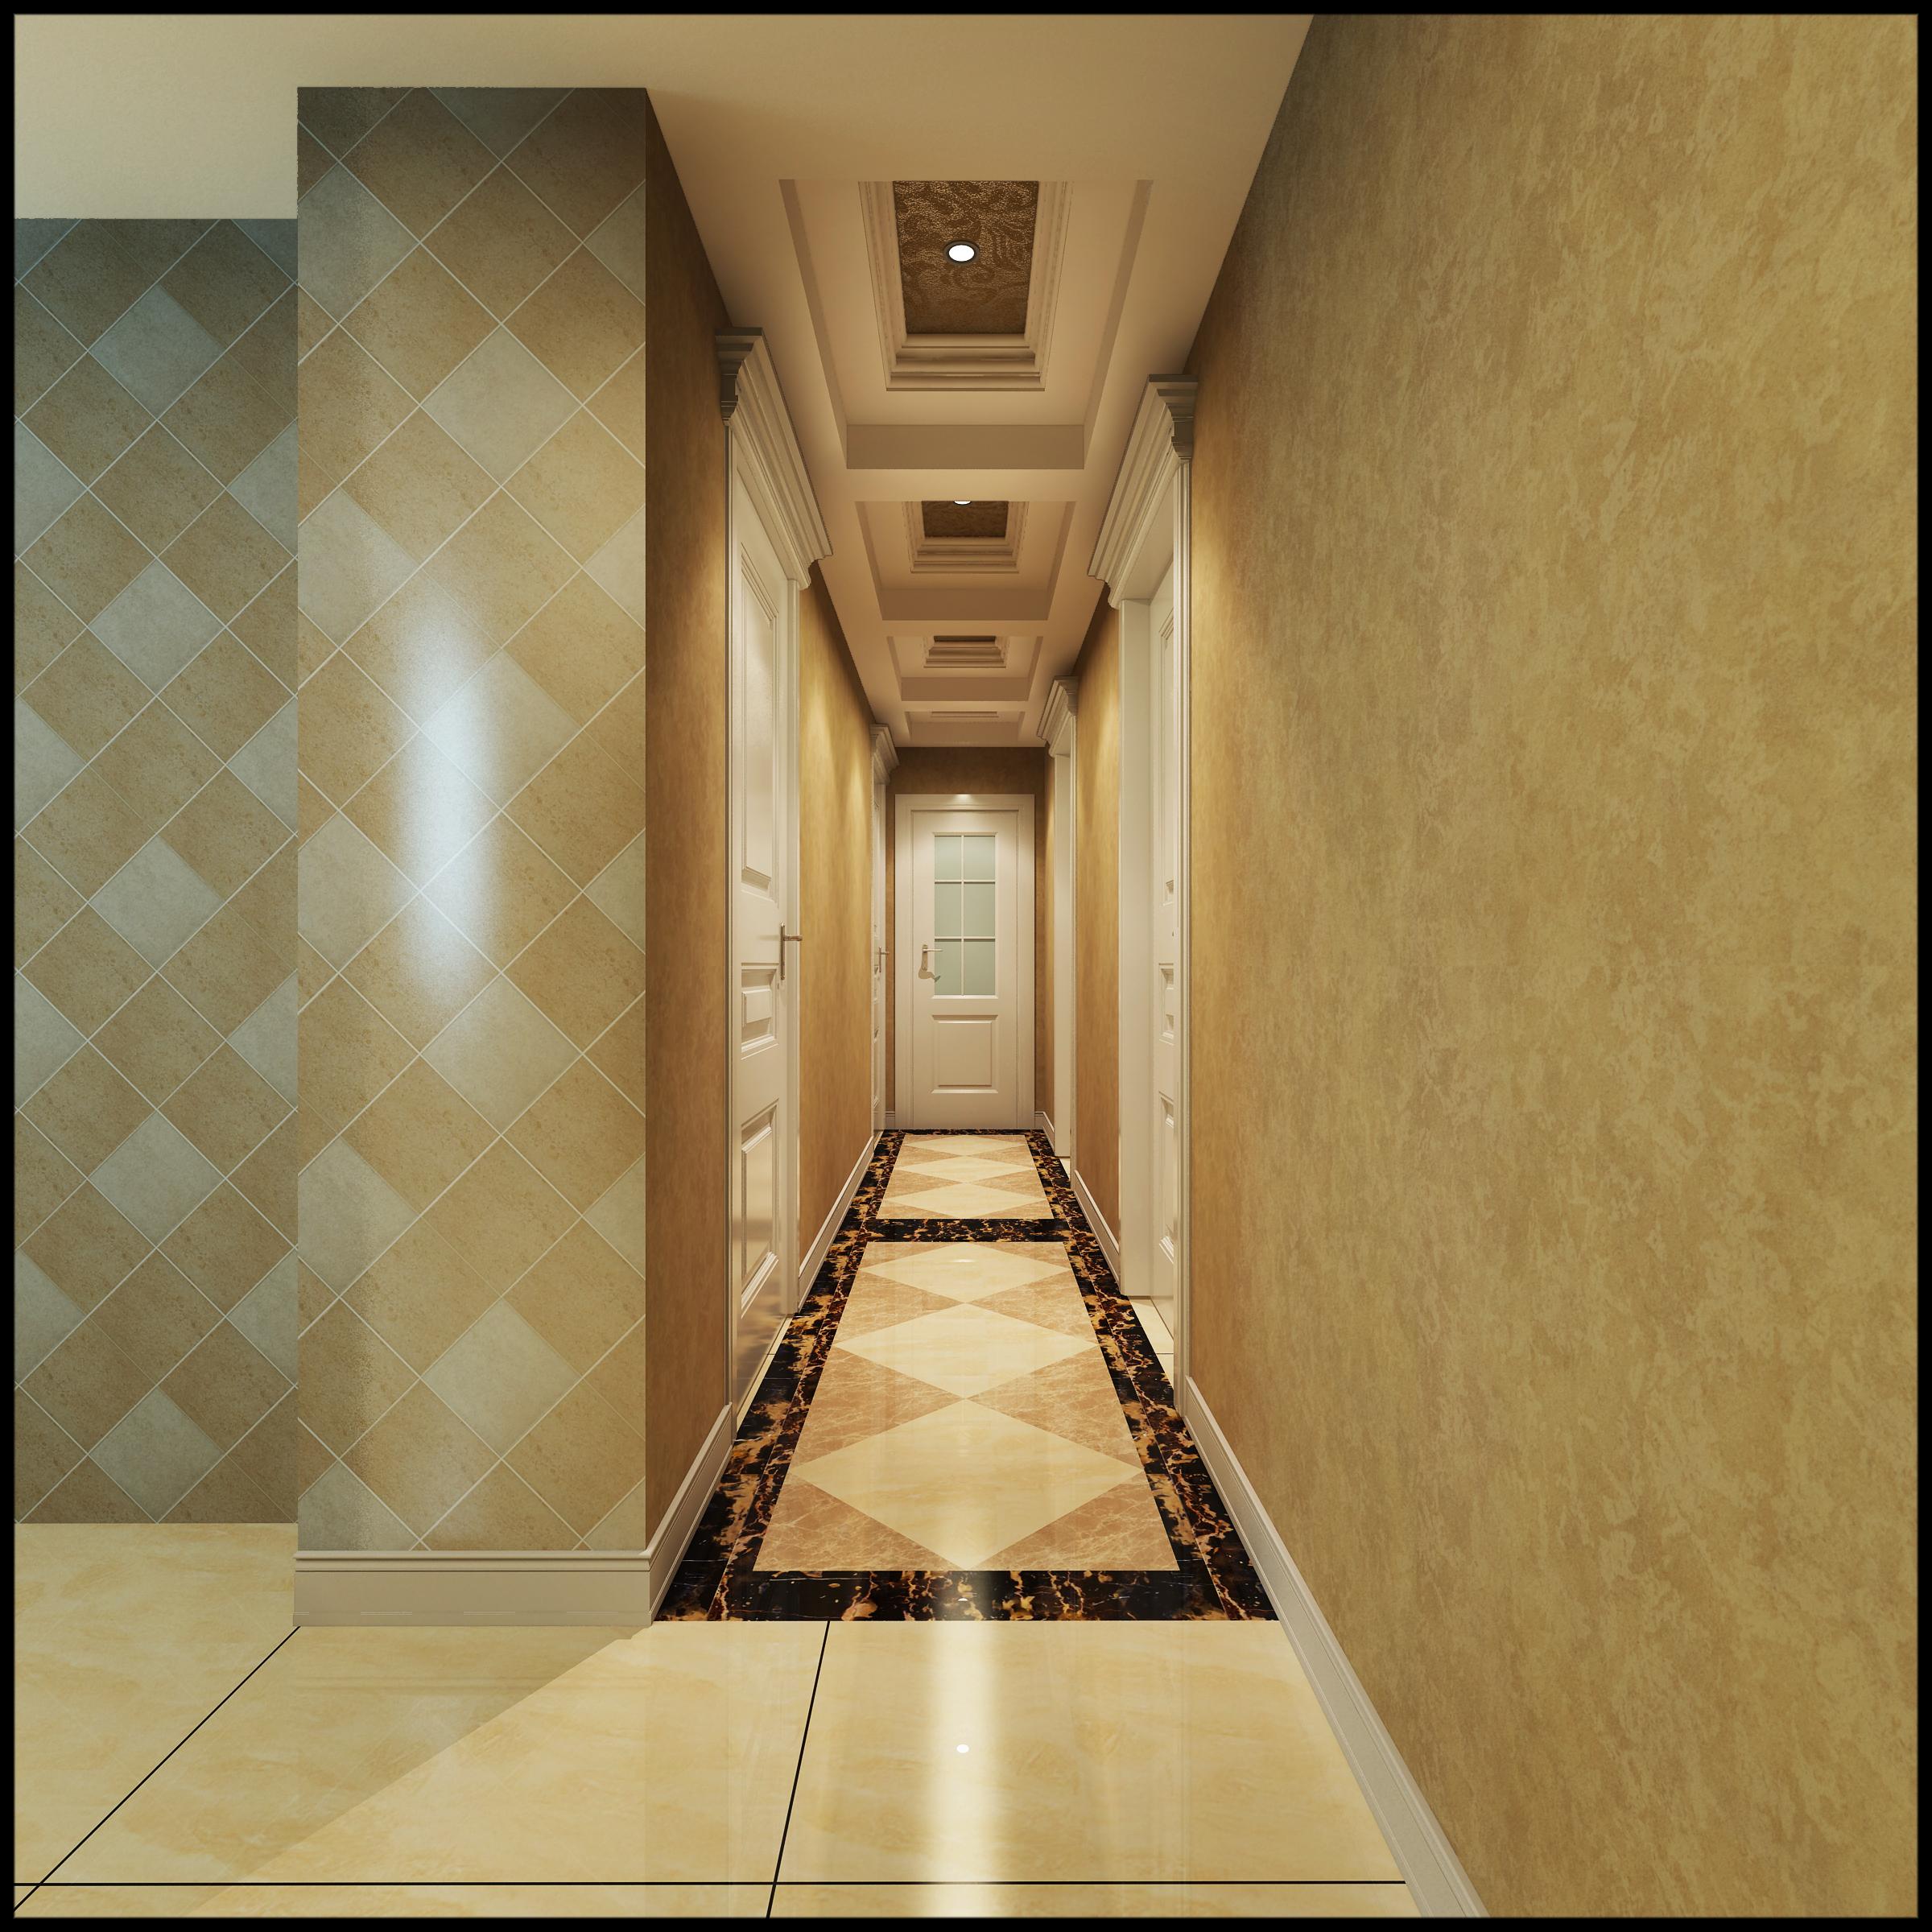 4居 欧式 150平米 庄士 装修 报价 家居 生活 整体家装 其他图片来自曹丹在庄士映蝶蓝湾-欧式风格-150平米的分享